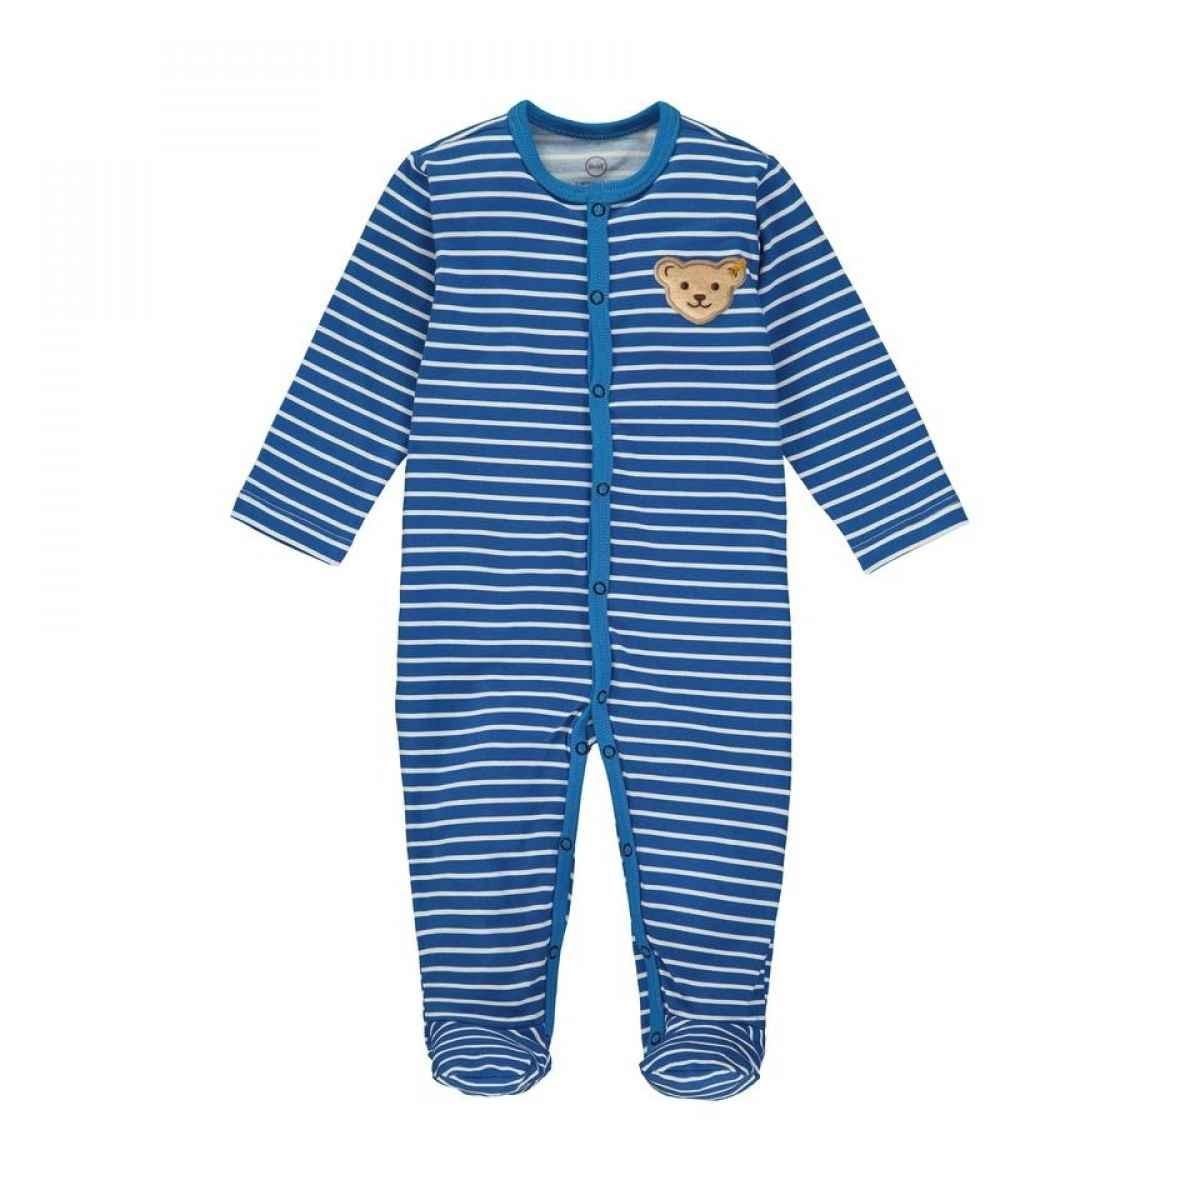 Steiff Toys Blue Stripe Romper